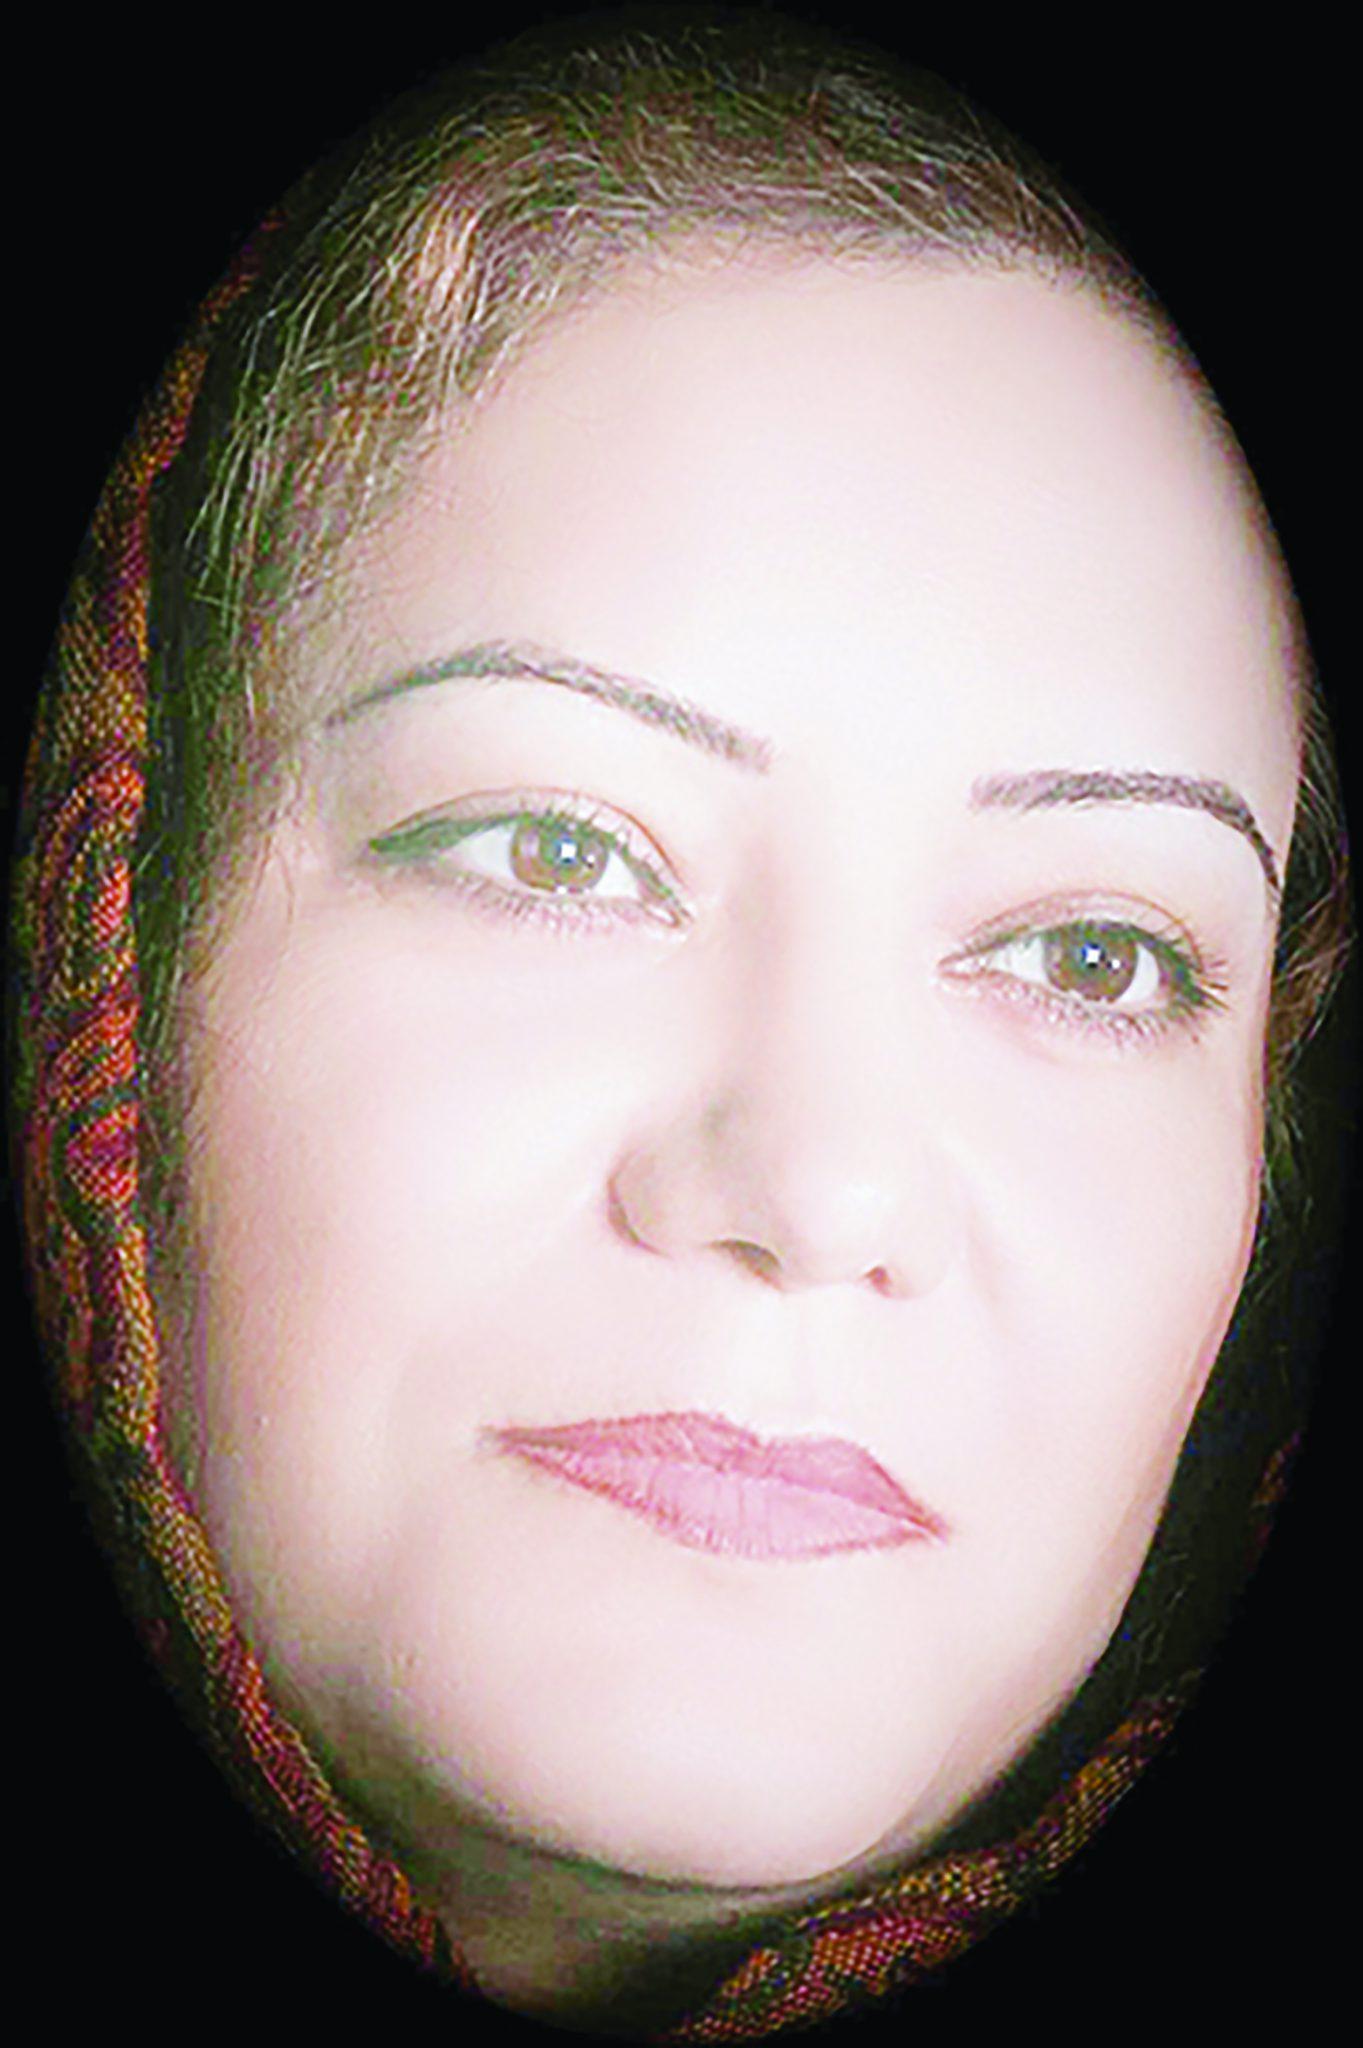 شاعر واگویه ها / نگاهی به مجموعه شعر مات سروده زهرا حیدری زندگی سالم